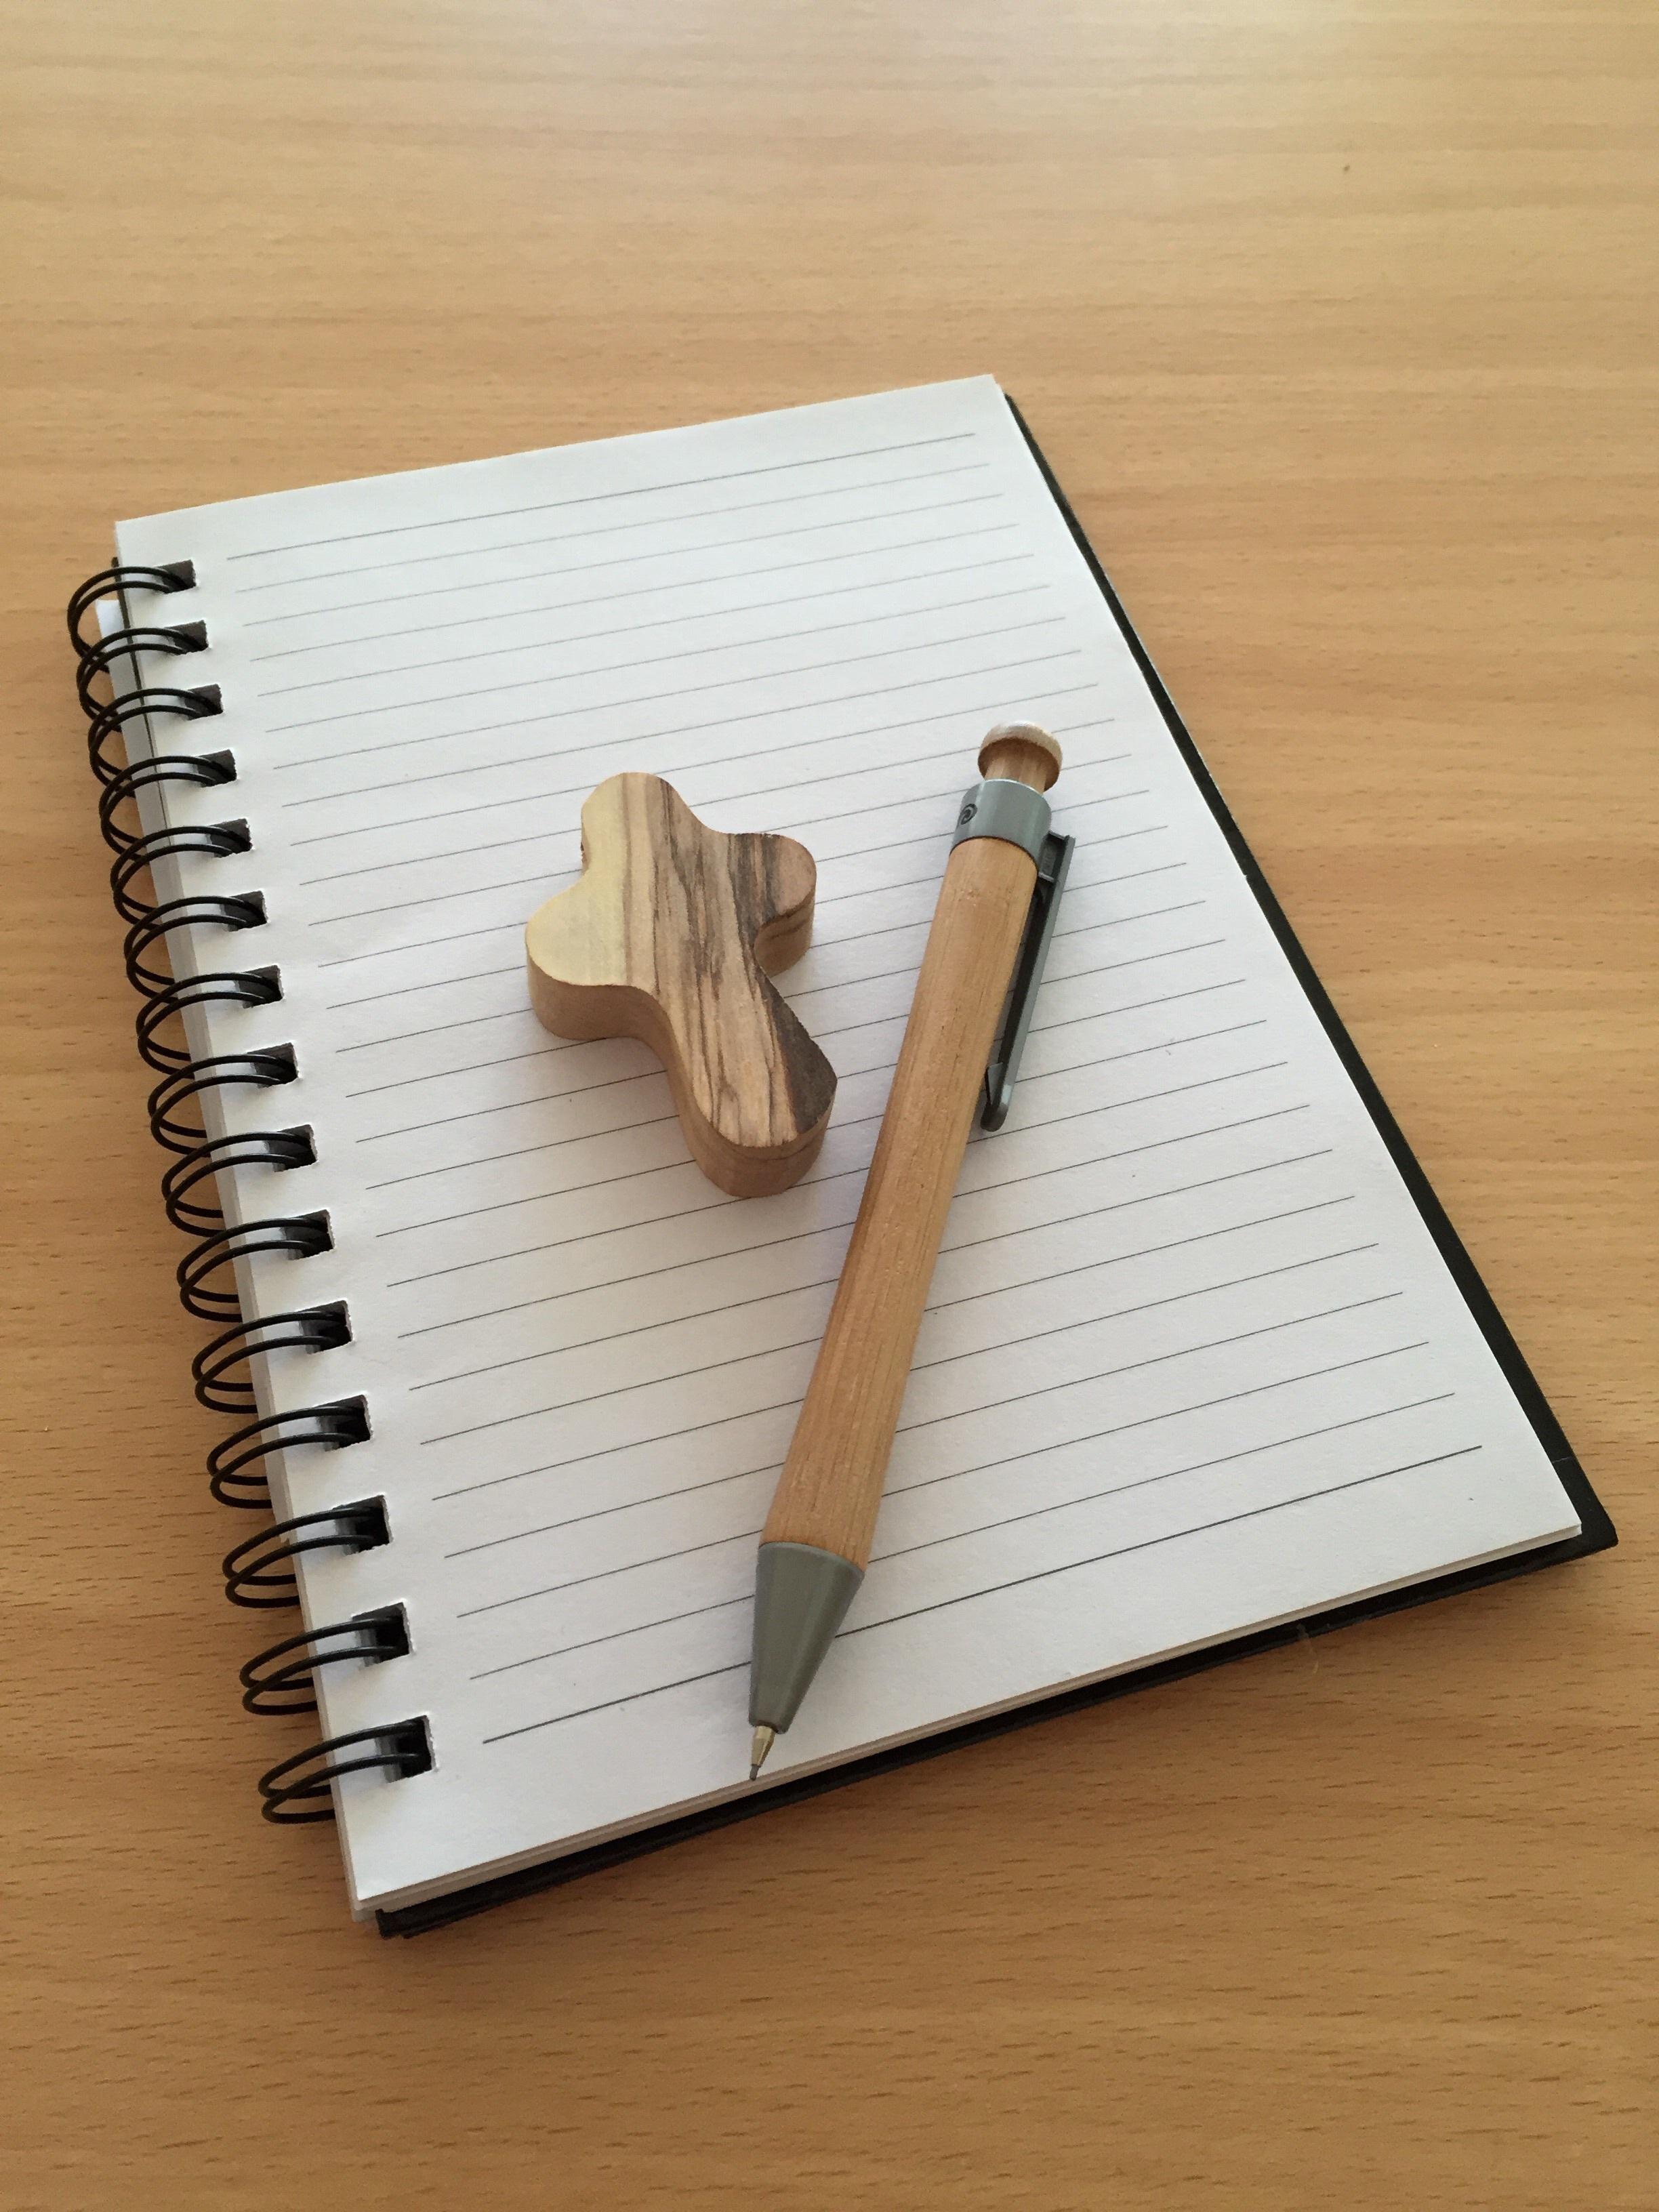 Kostenlose foto : Schreiben, Flügel, Holz, Stift, Büro, Kirche ...